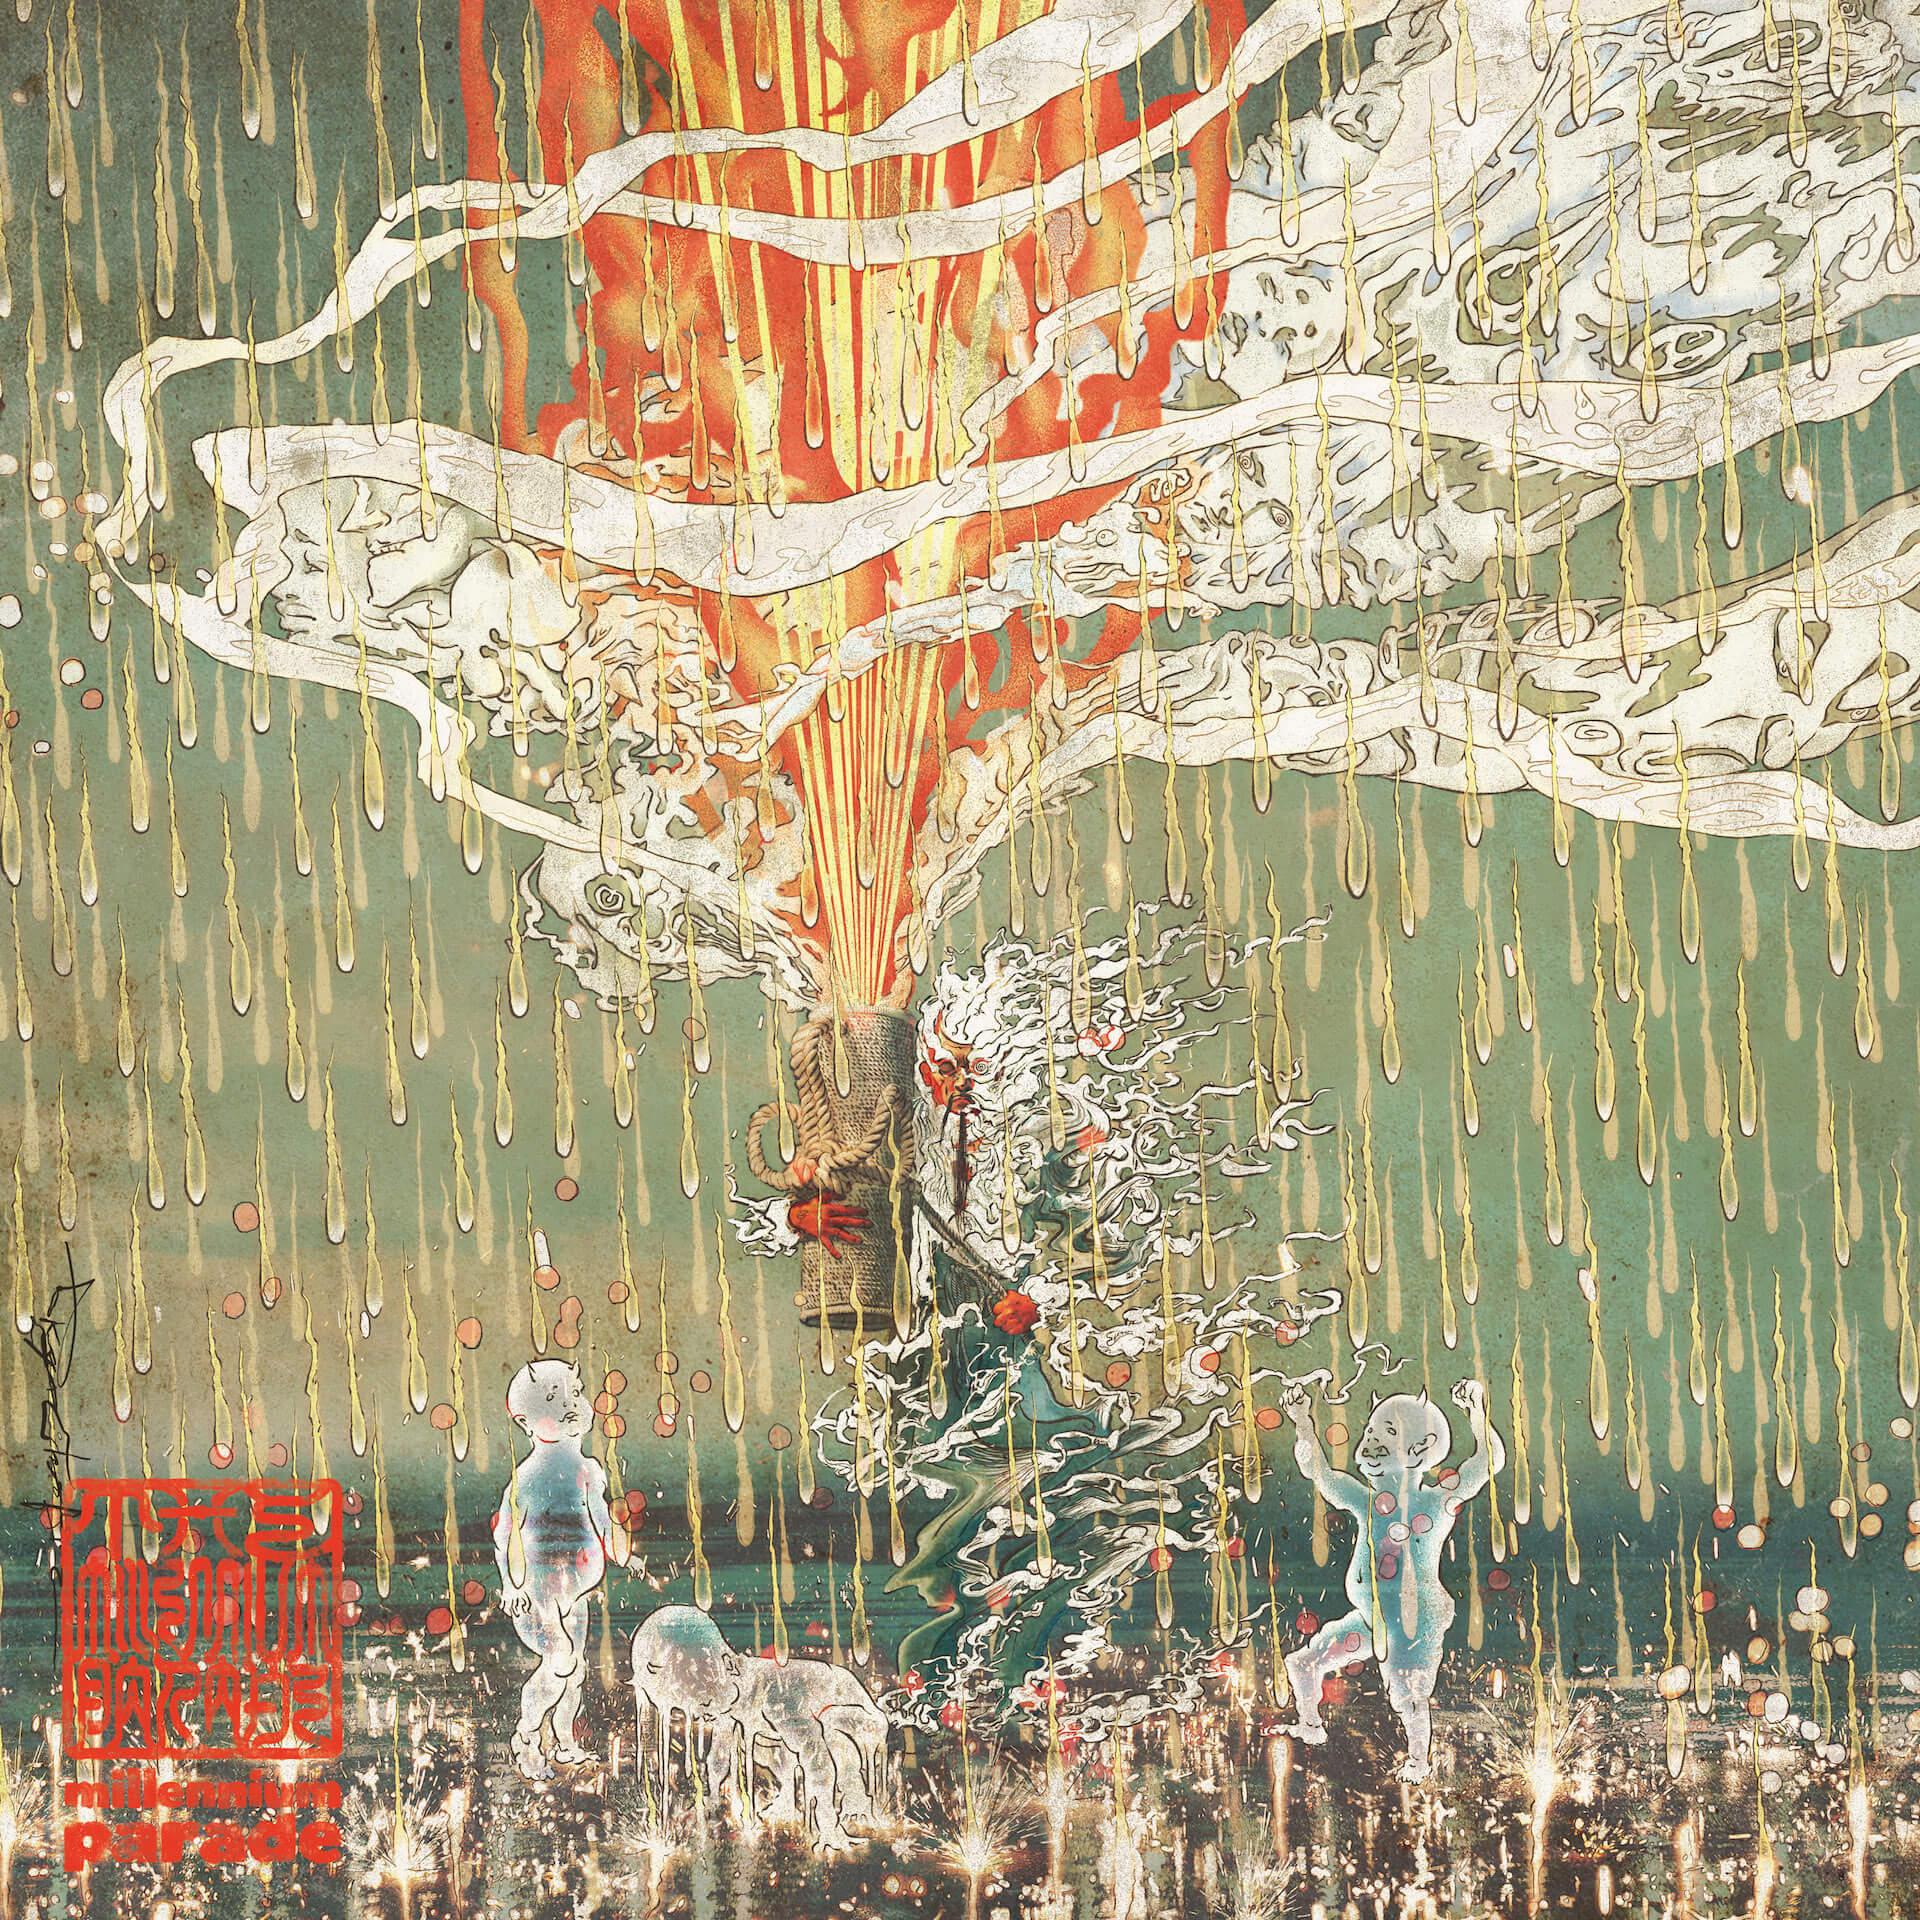 """常田大希率いるmillennium paradeの新曲""""FAMILIA""""がついに配信リリース!MVは同時視聴者数、驚異の2万人超え music210122_millenniumparade_1"""